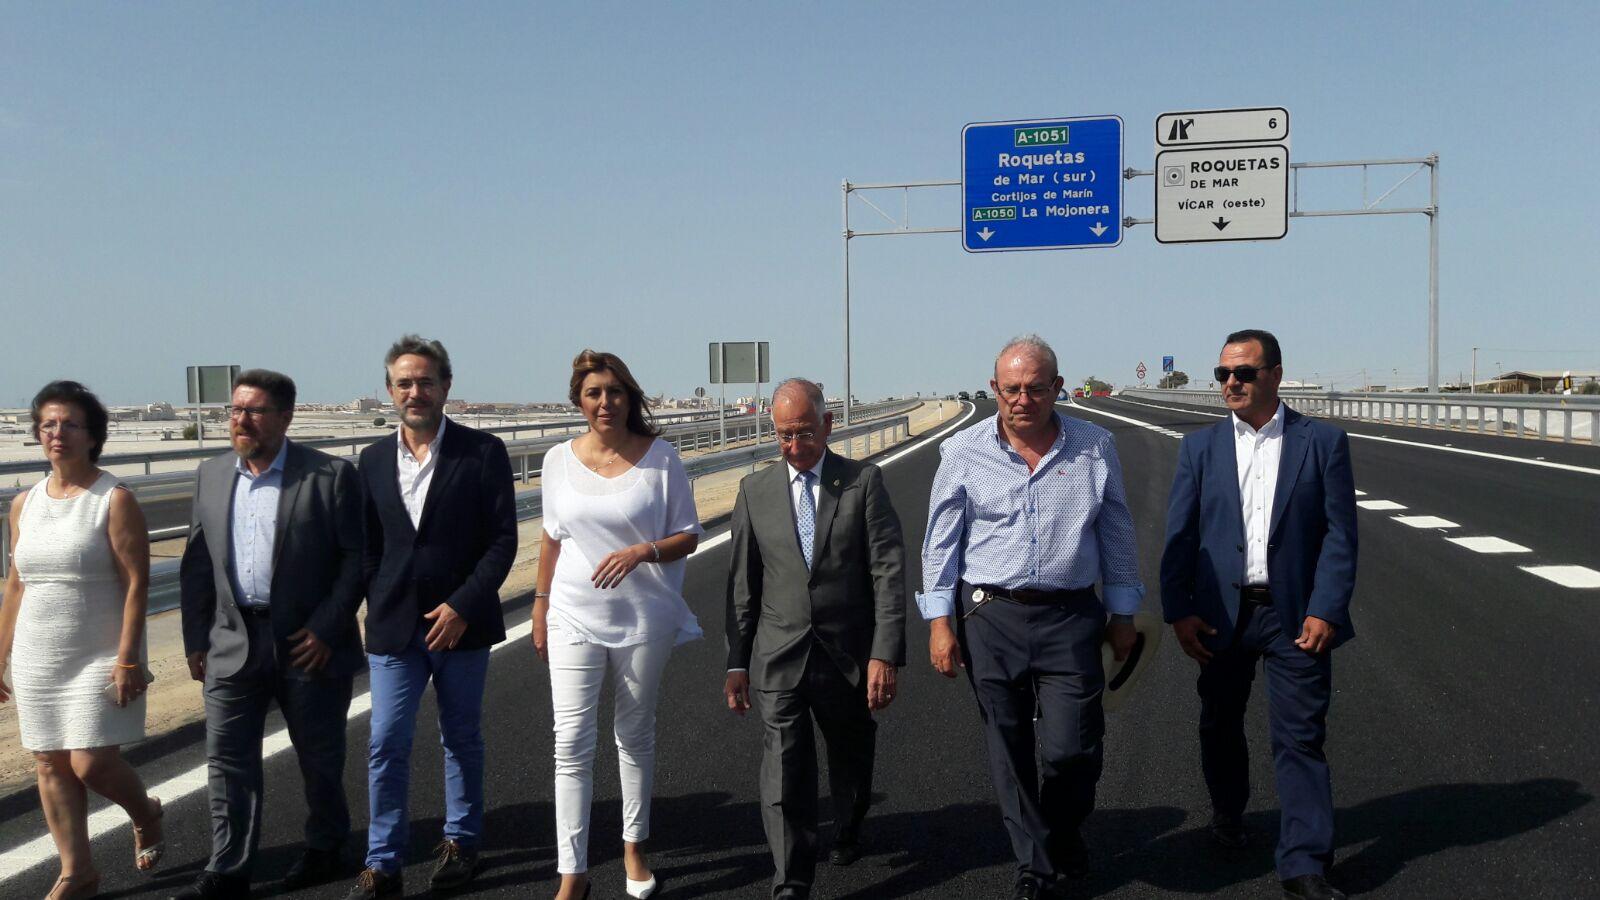 La presidenta de la Junta, Susana Díaz, recorre el nuevo tramo de autovía junto al resto de autoridades.